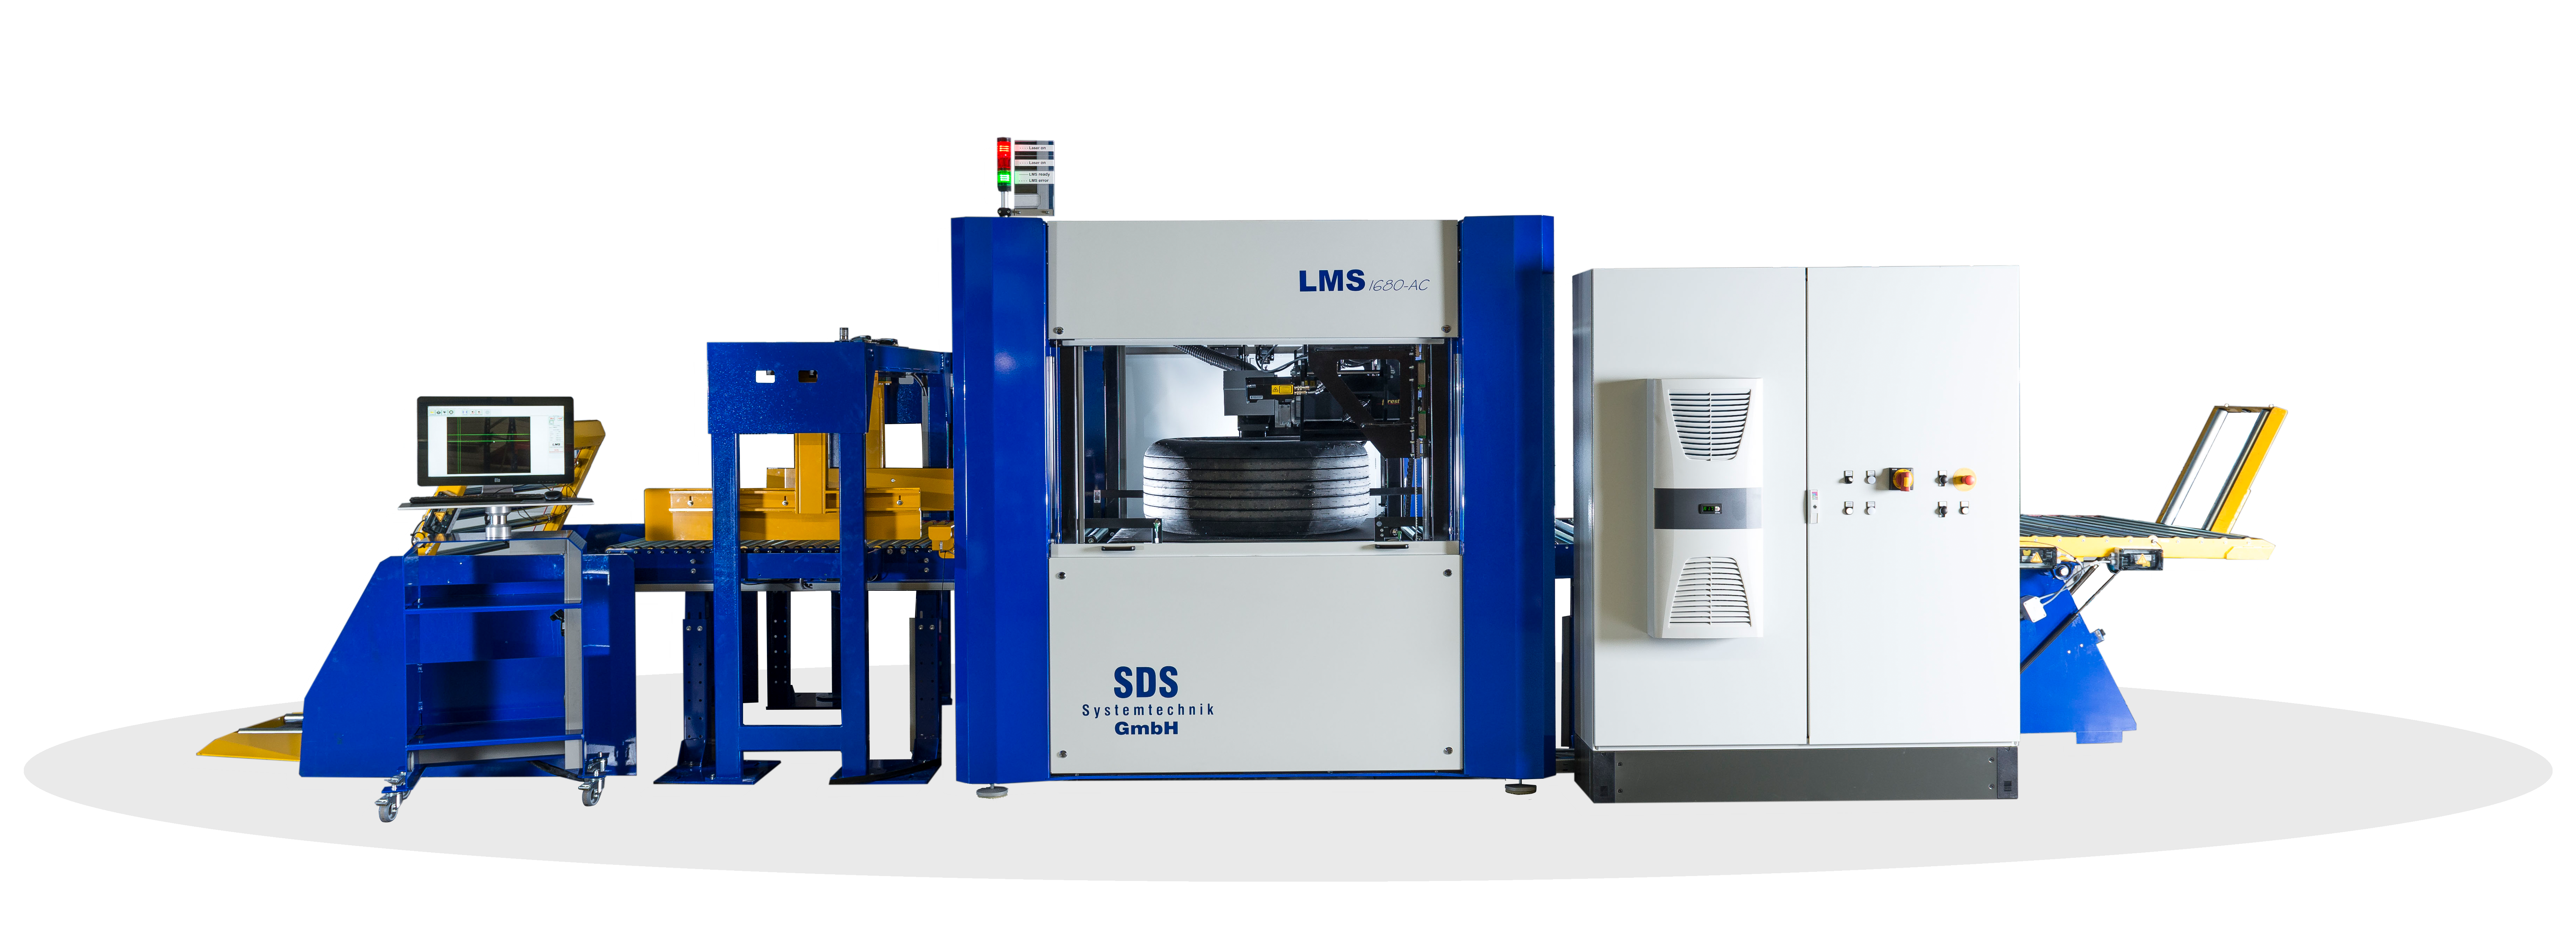 SDS Systemtechnik – LMS (Laser Marking System)